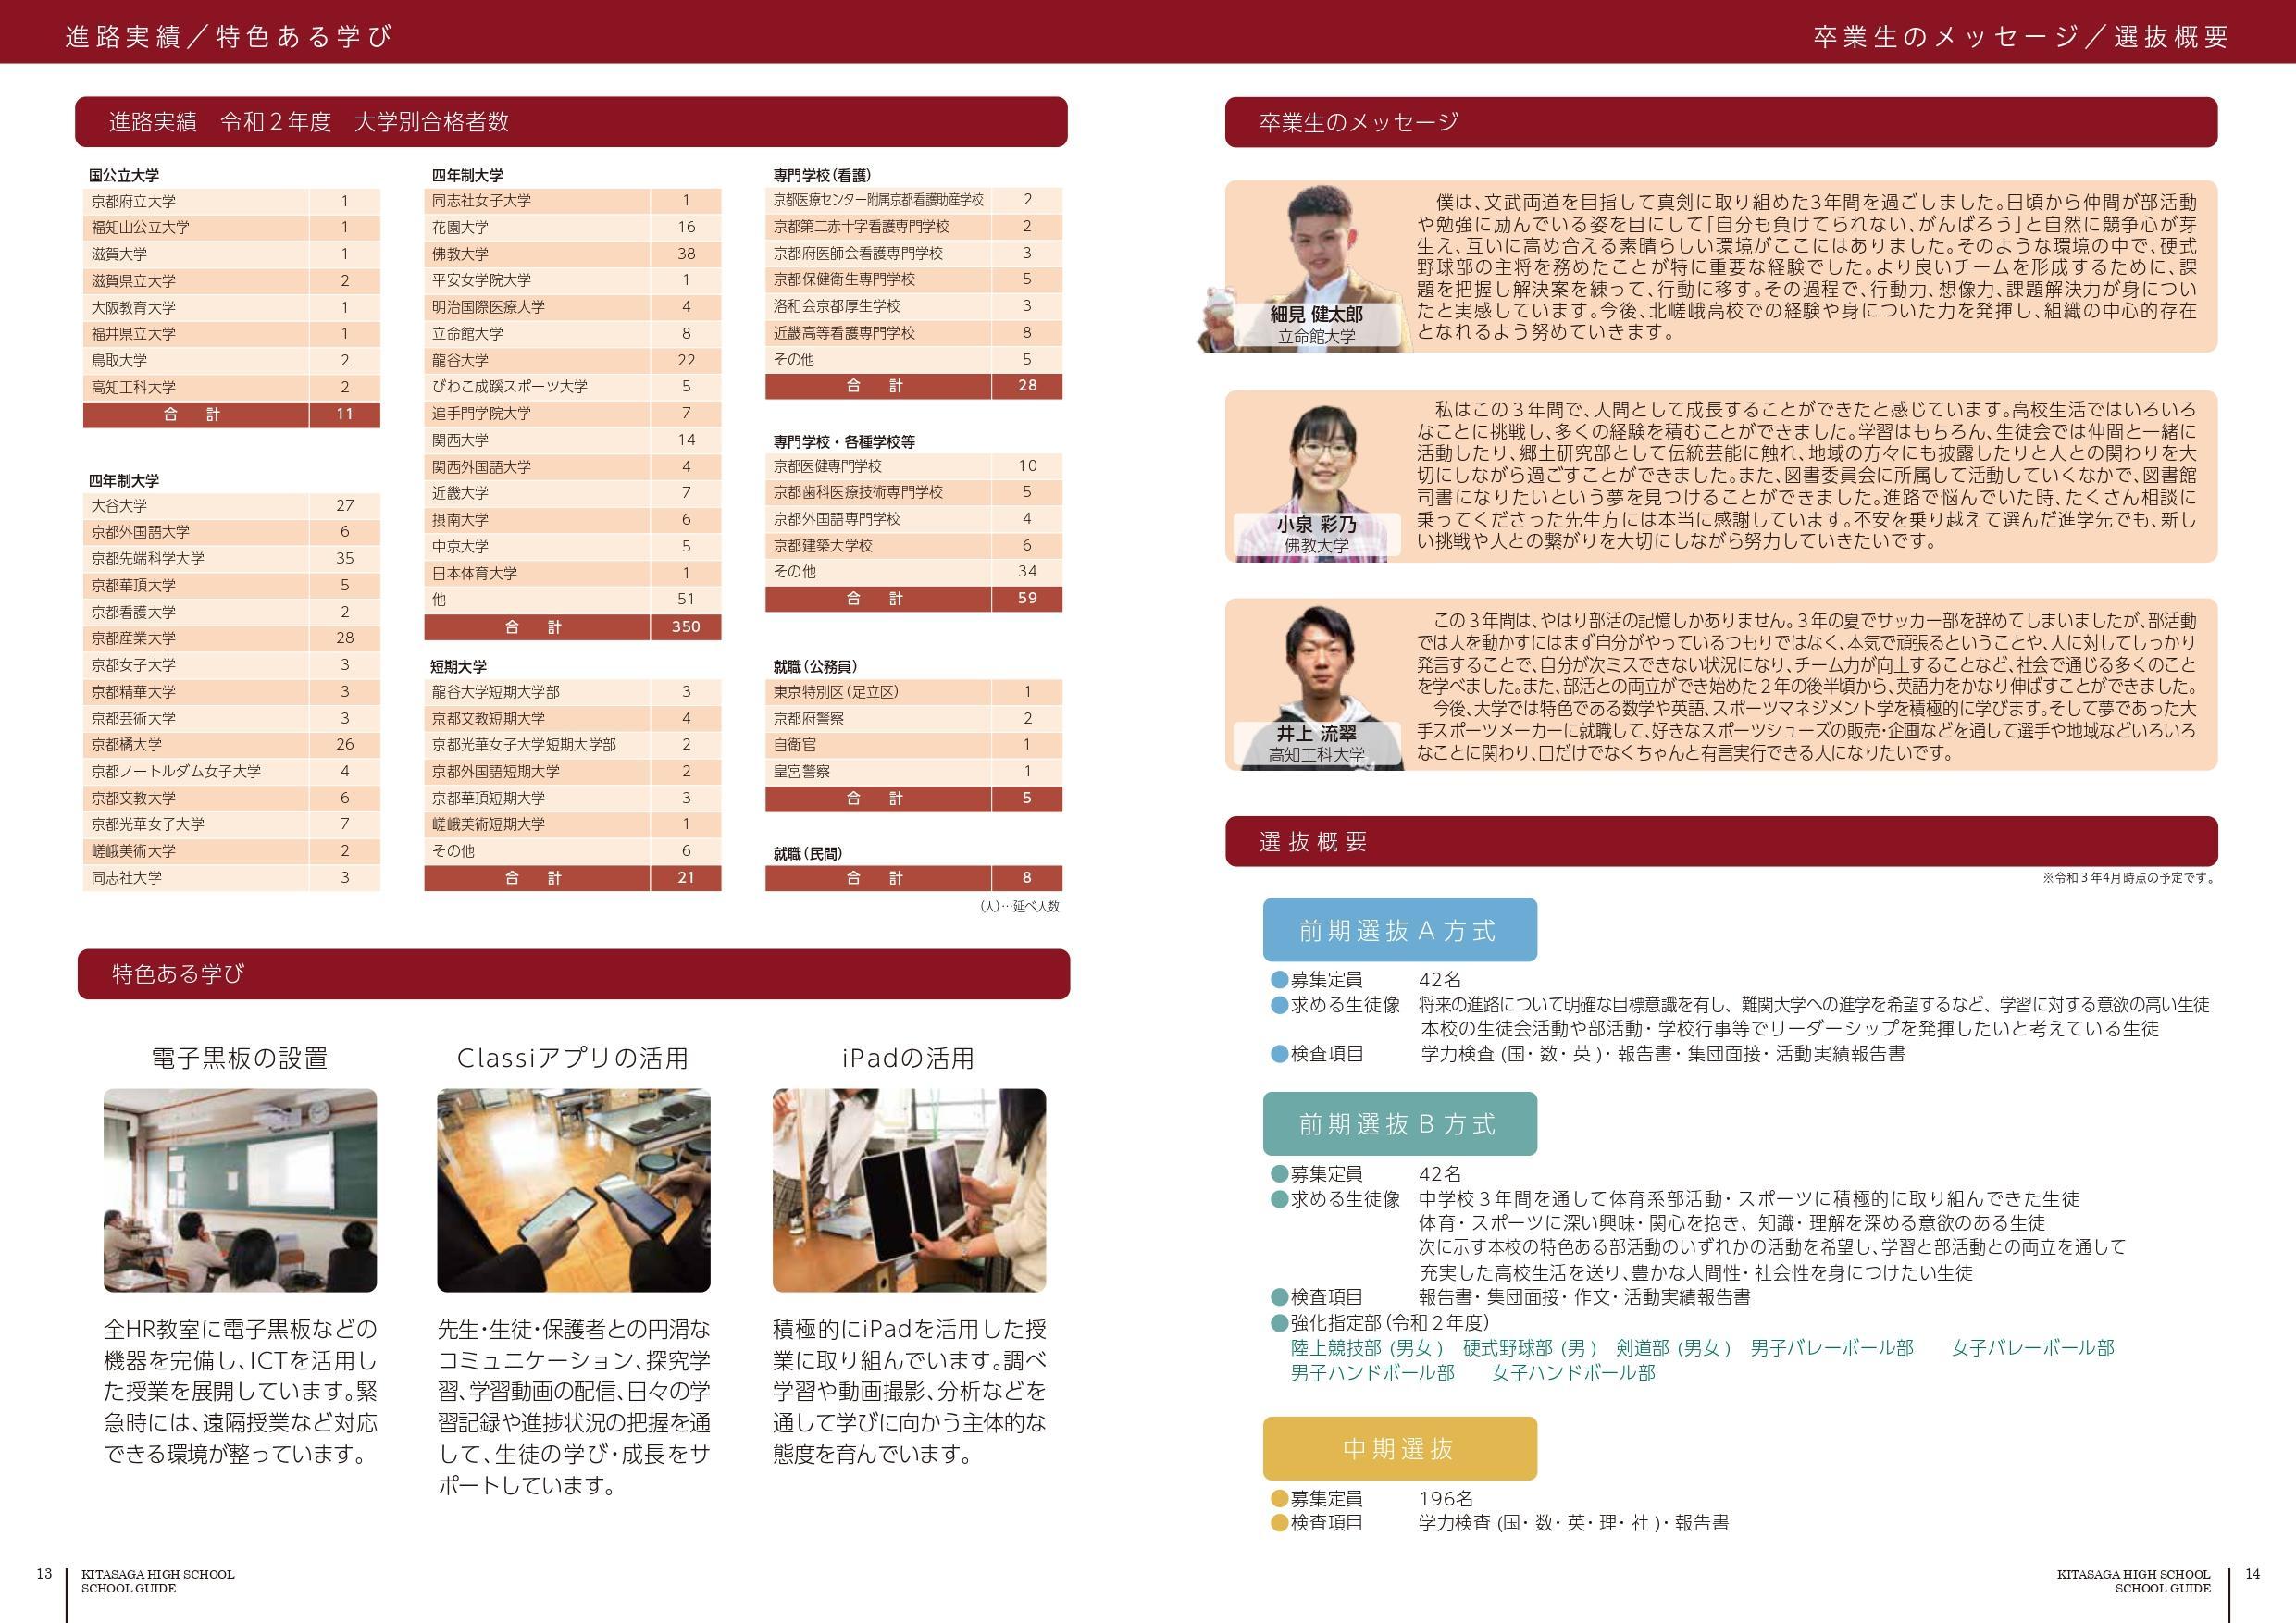 北嵯峨高校-スクールガイド2022-v6-2_page-0008.jpg